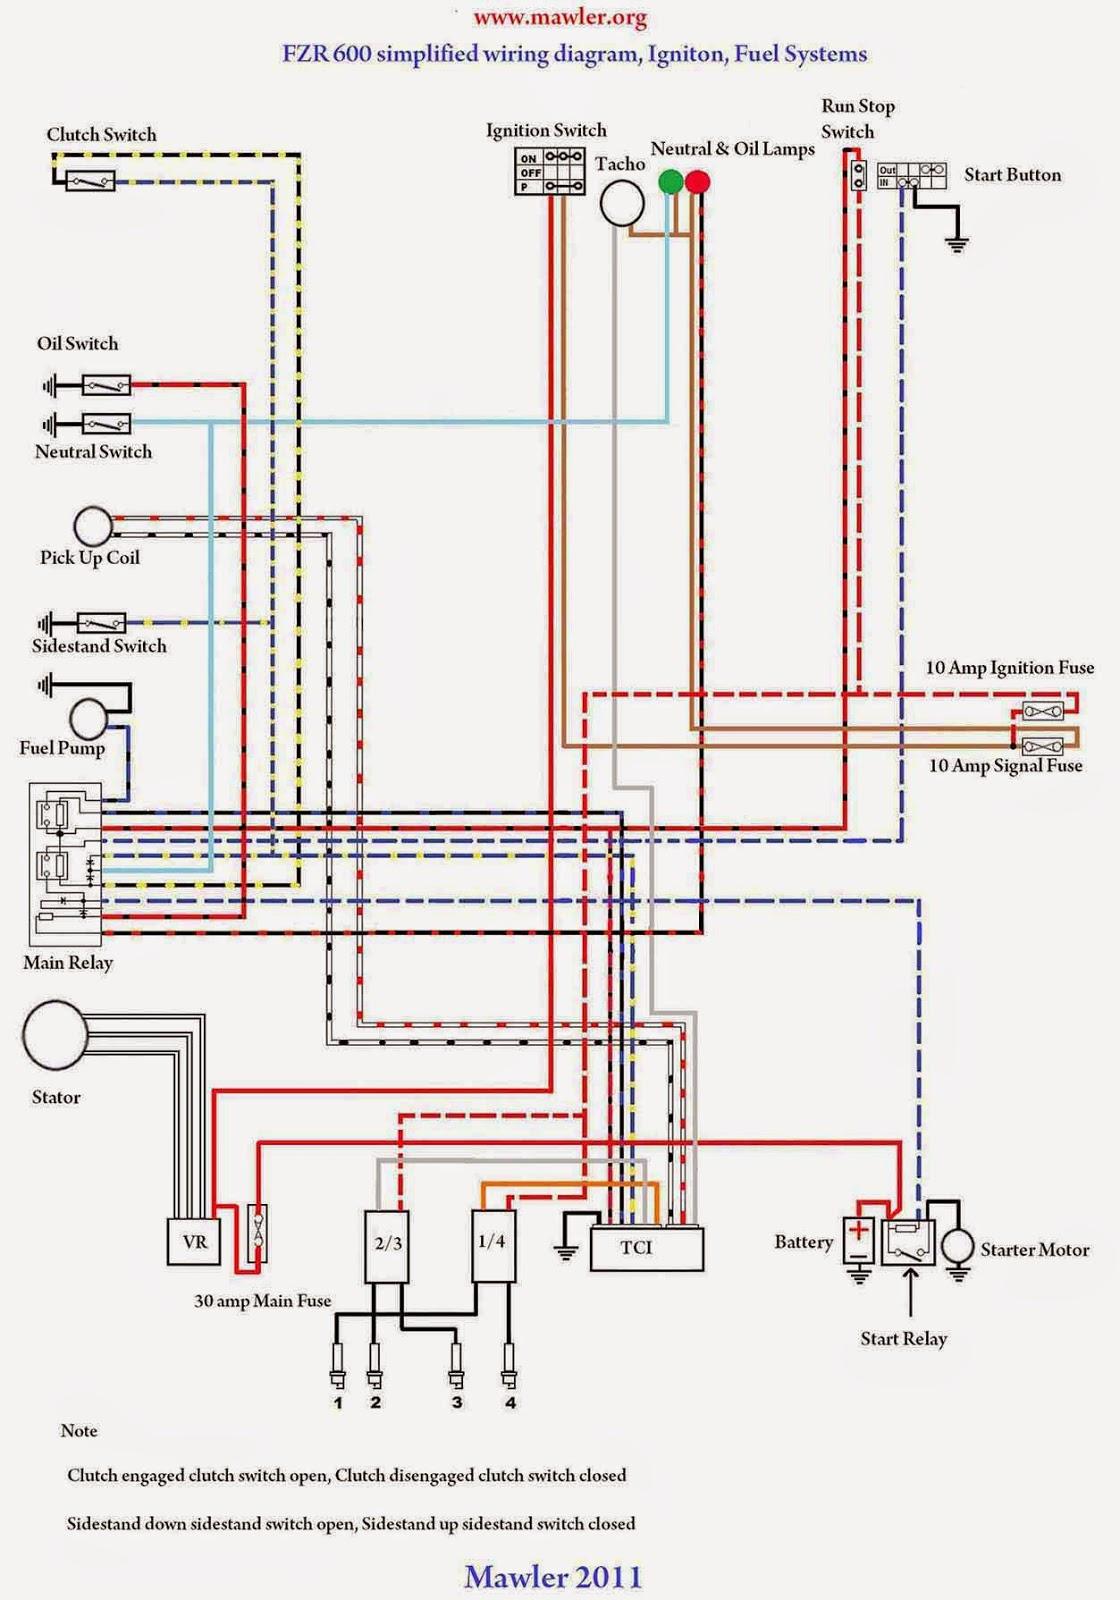 fzs 600 wiring diagram 22 wiring diagram images [ 1120 x 1600 Pixel ]